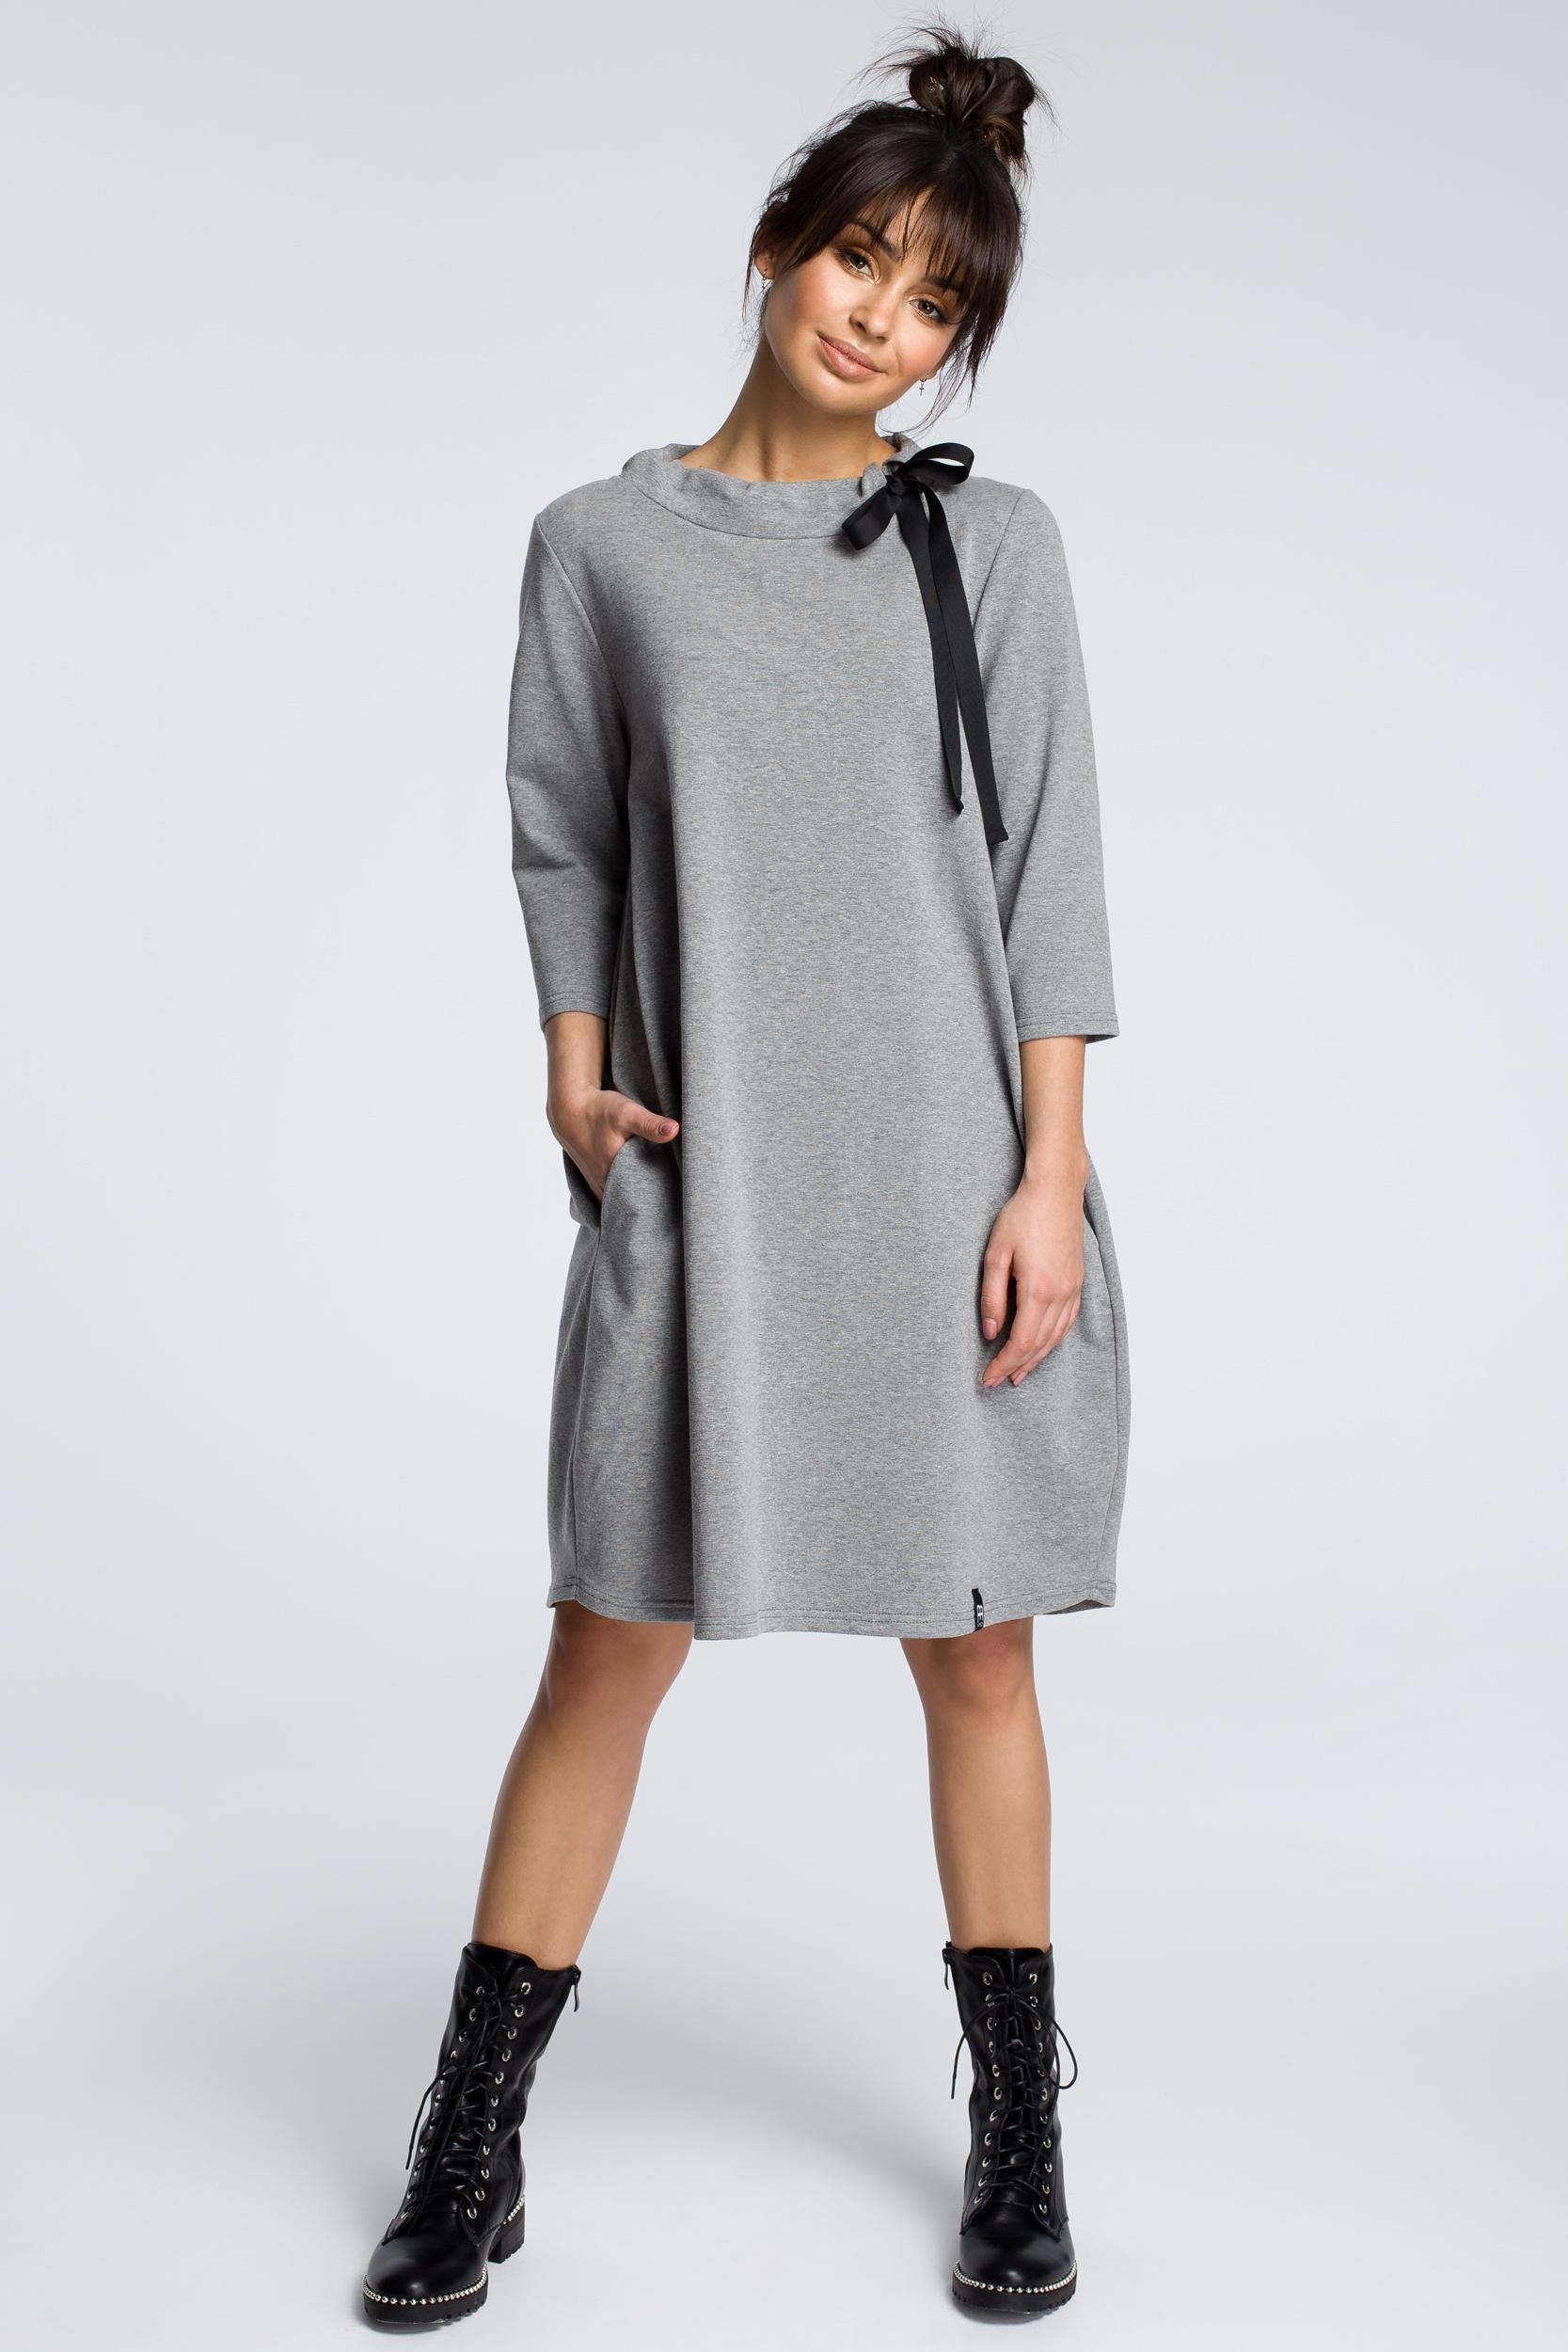 dde10d08 Dresowa sukienka z wiązaniem pod szyją - szara - Cudmoda